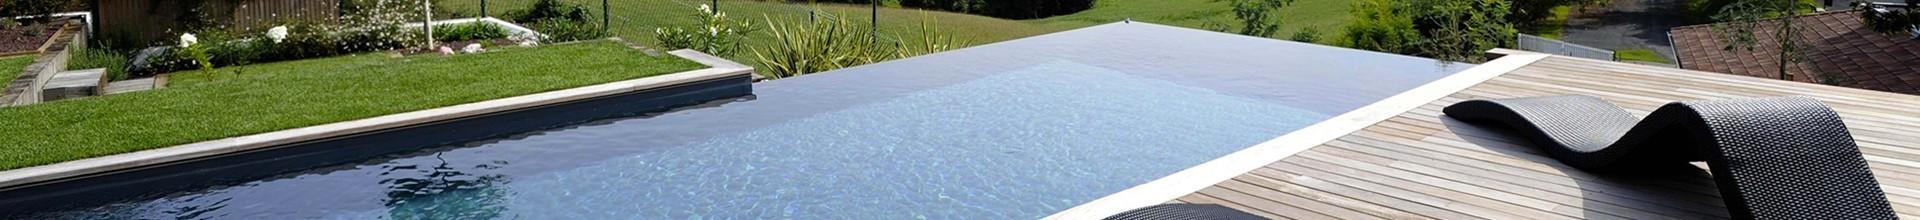 Constructeur piscine discount Centre Val de Loire